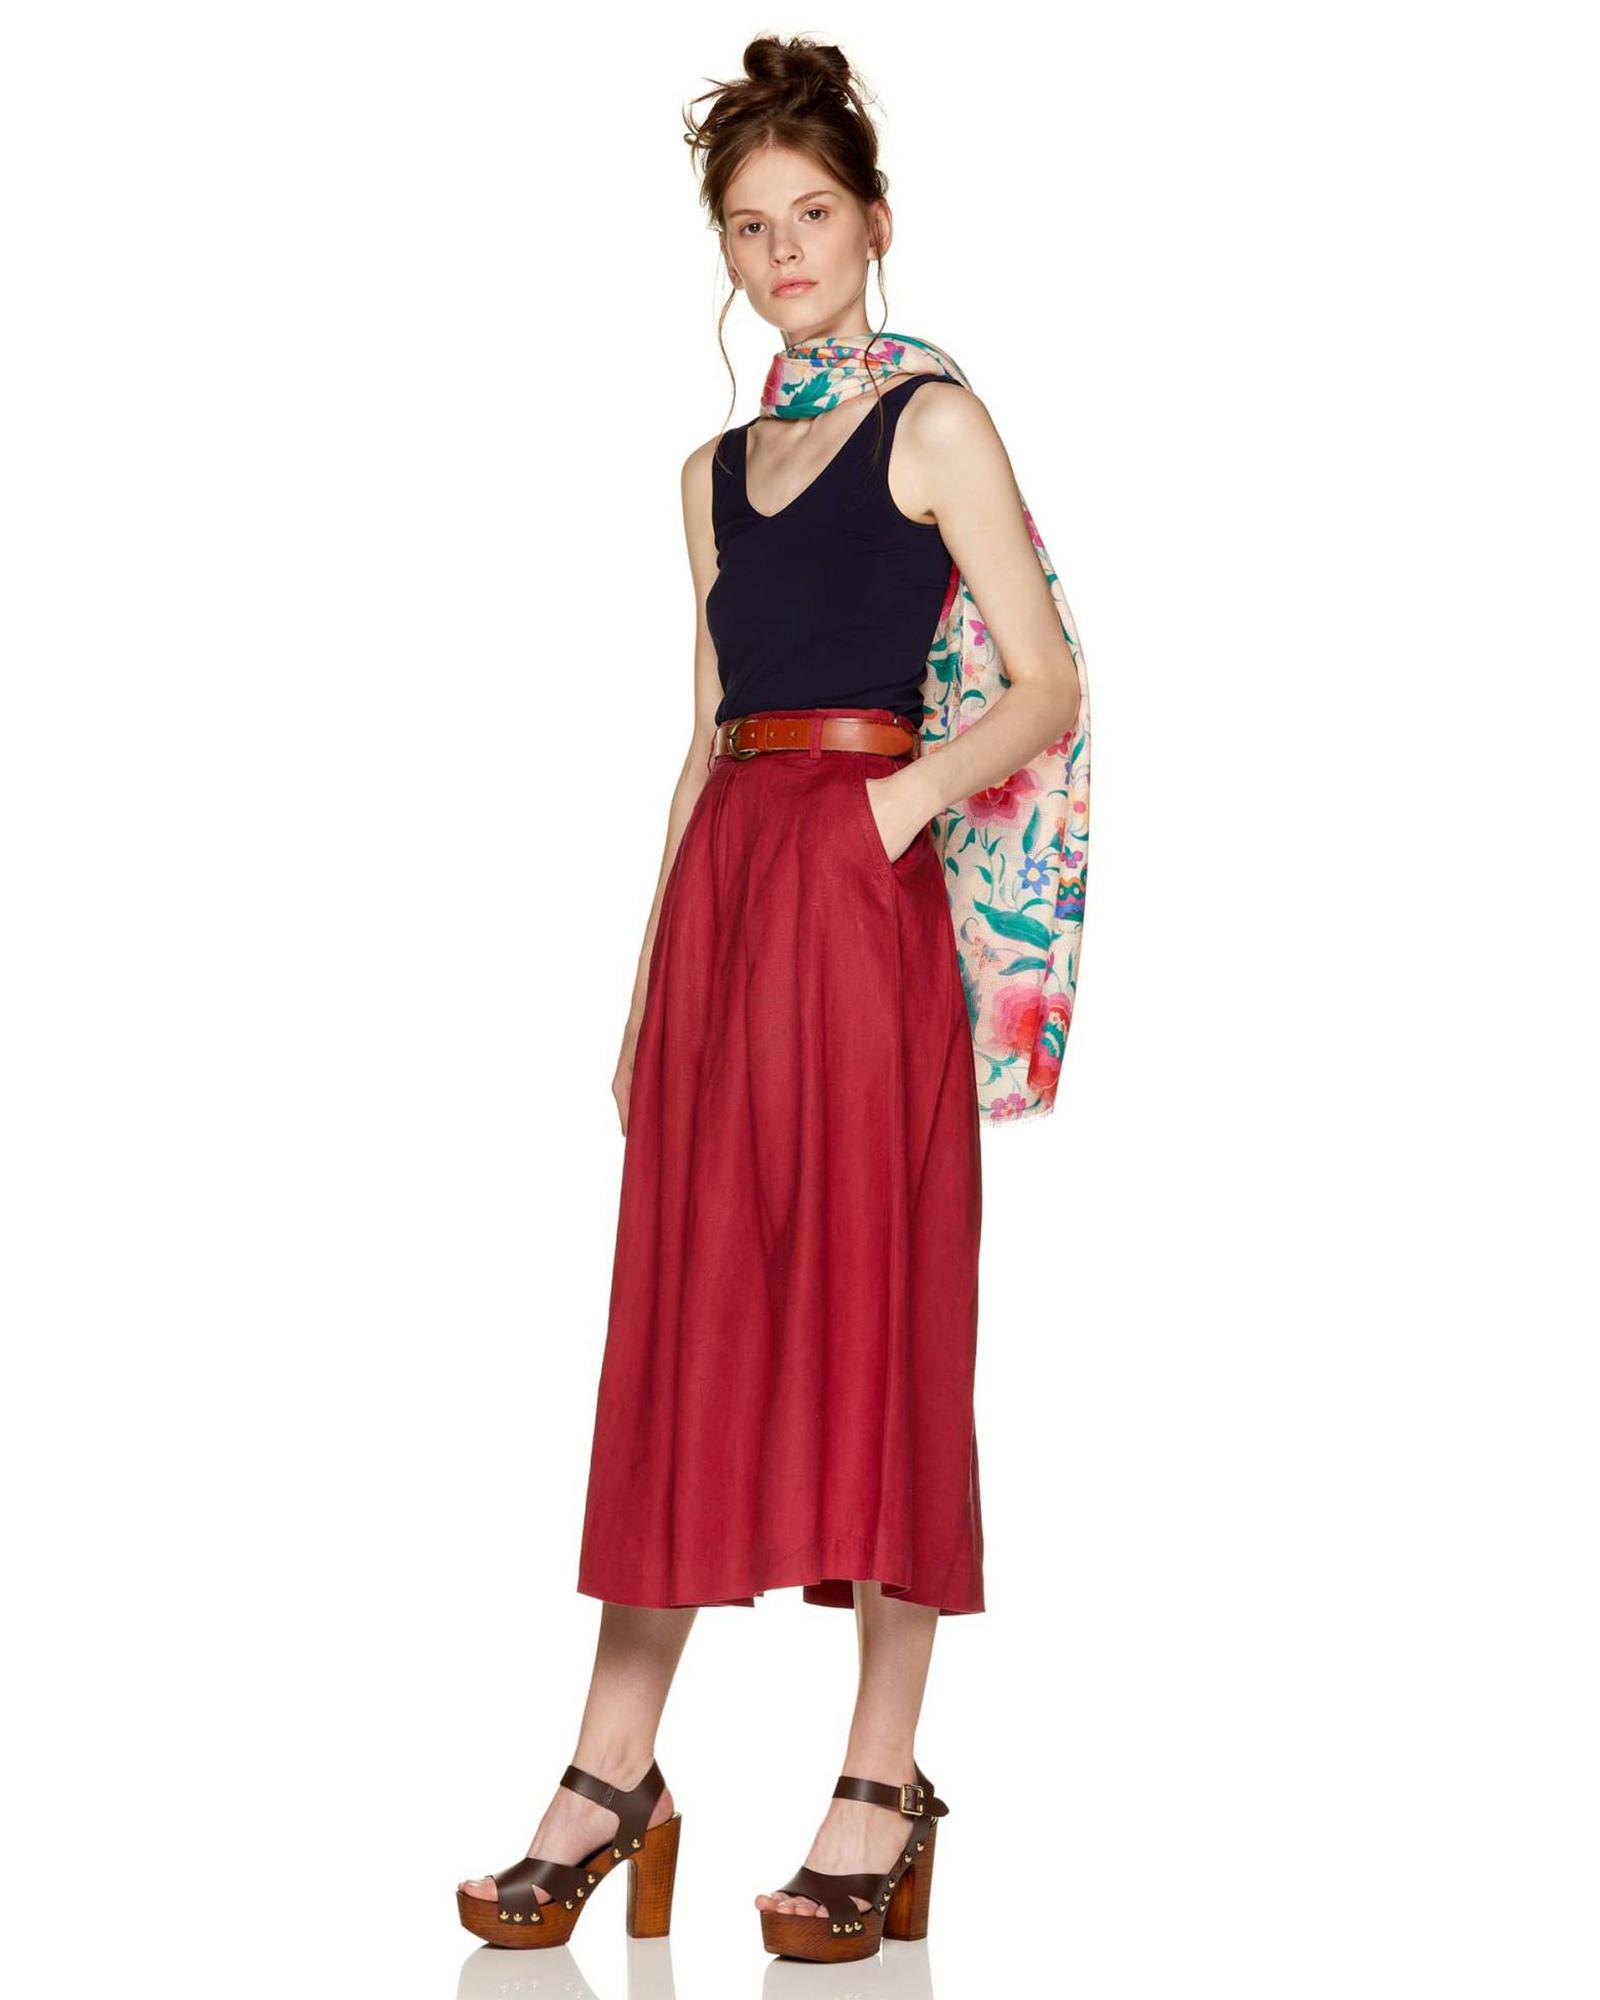 e991c78713 Ropa de Mujer Nueva Colección 2019